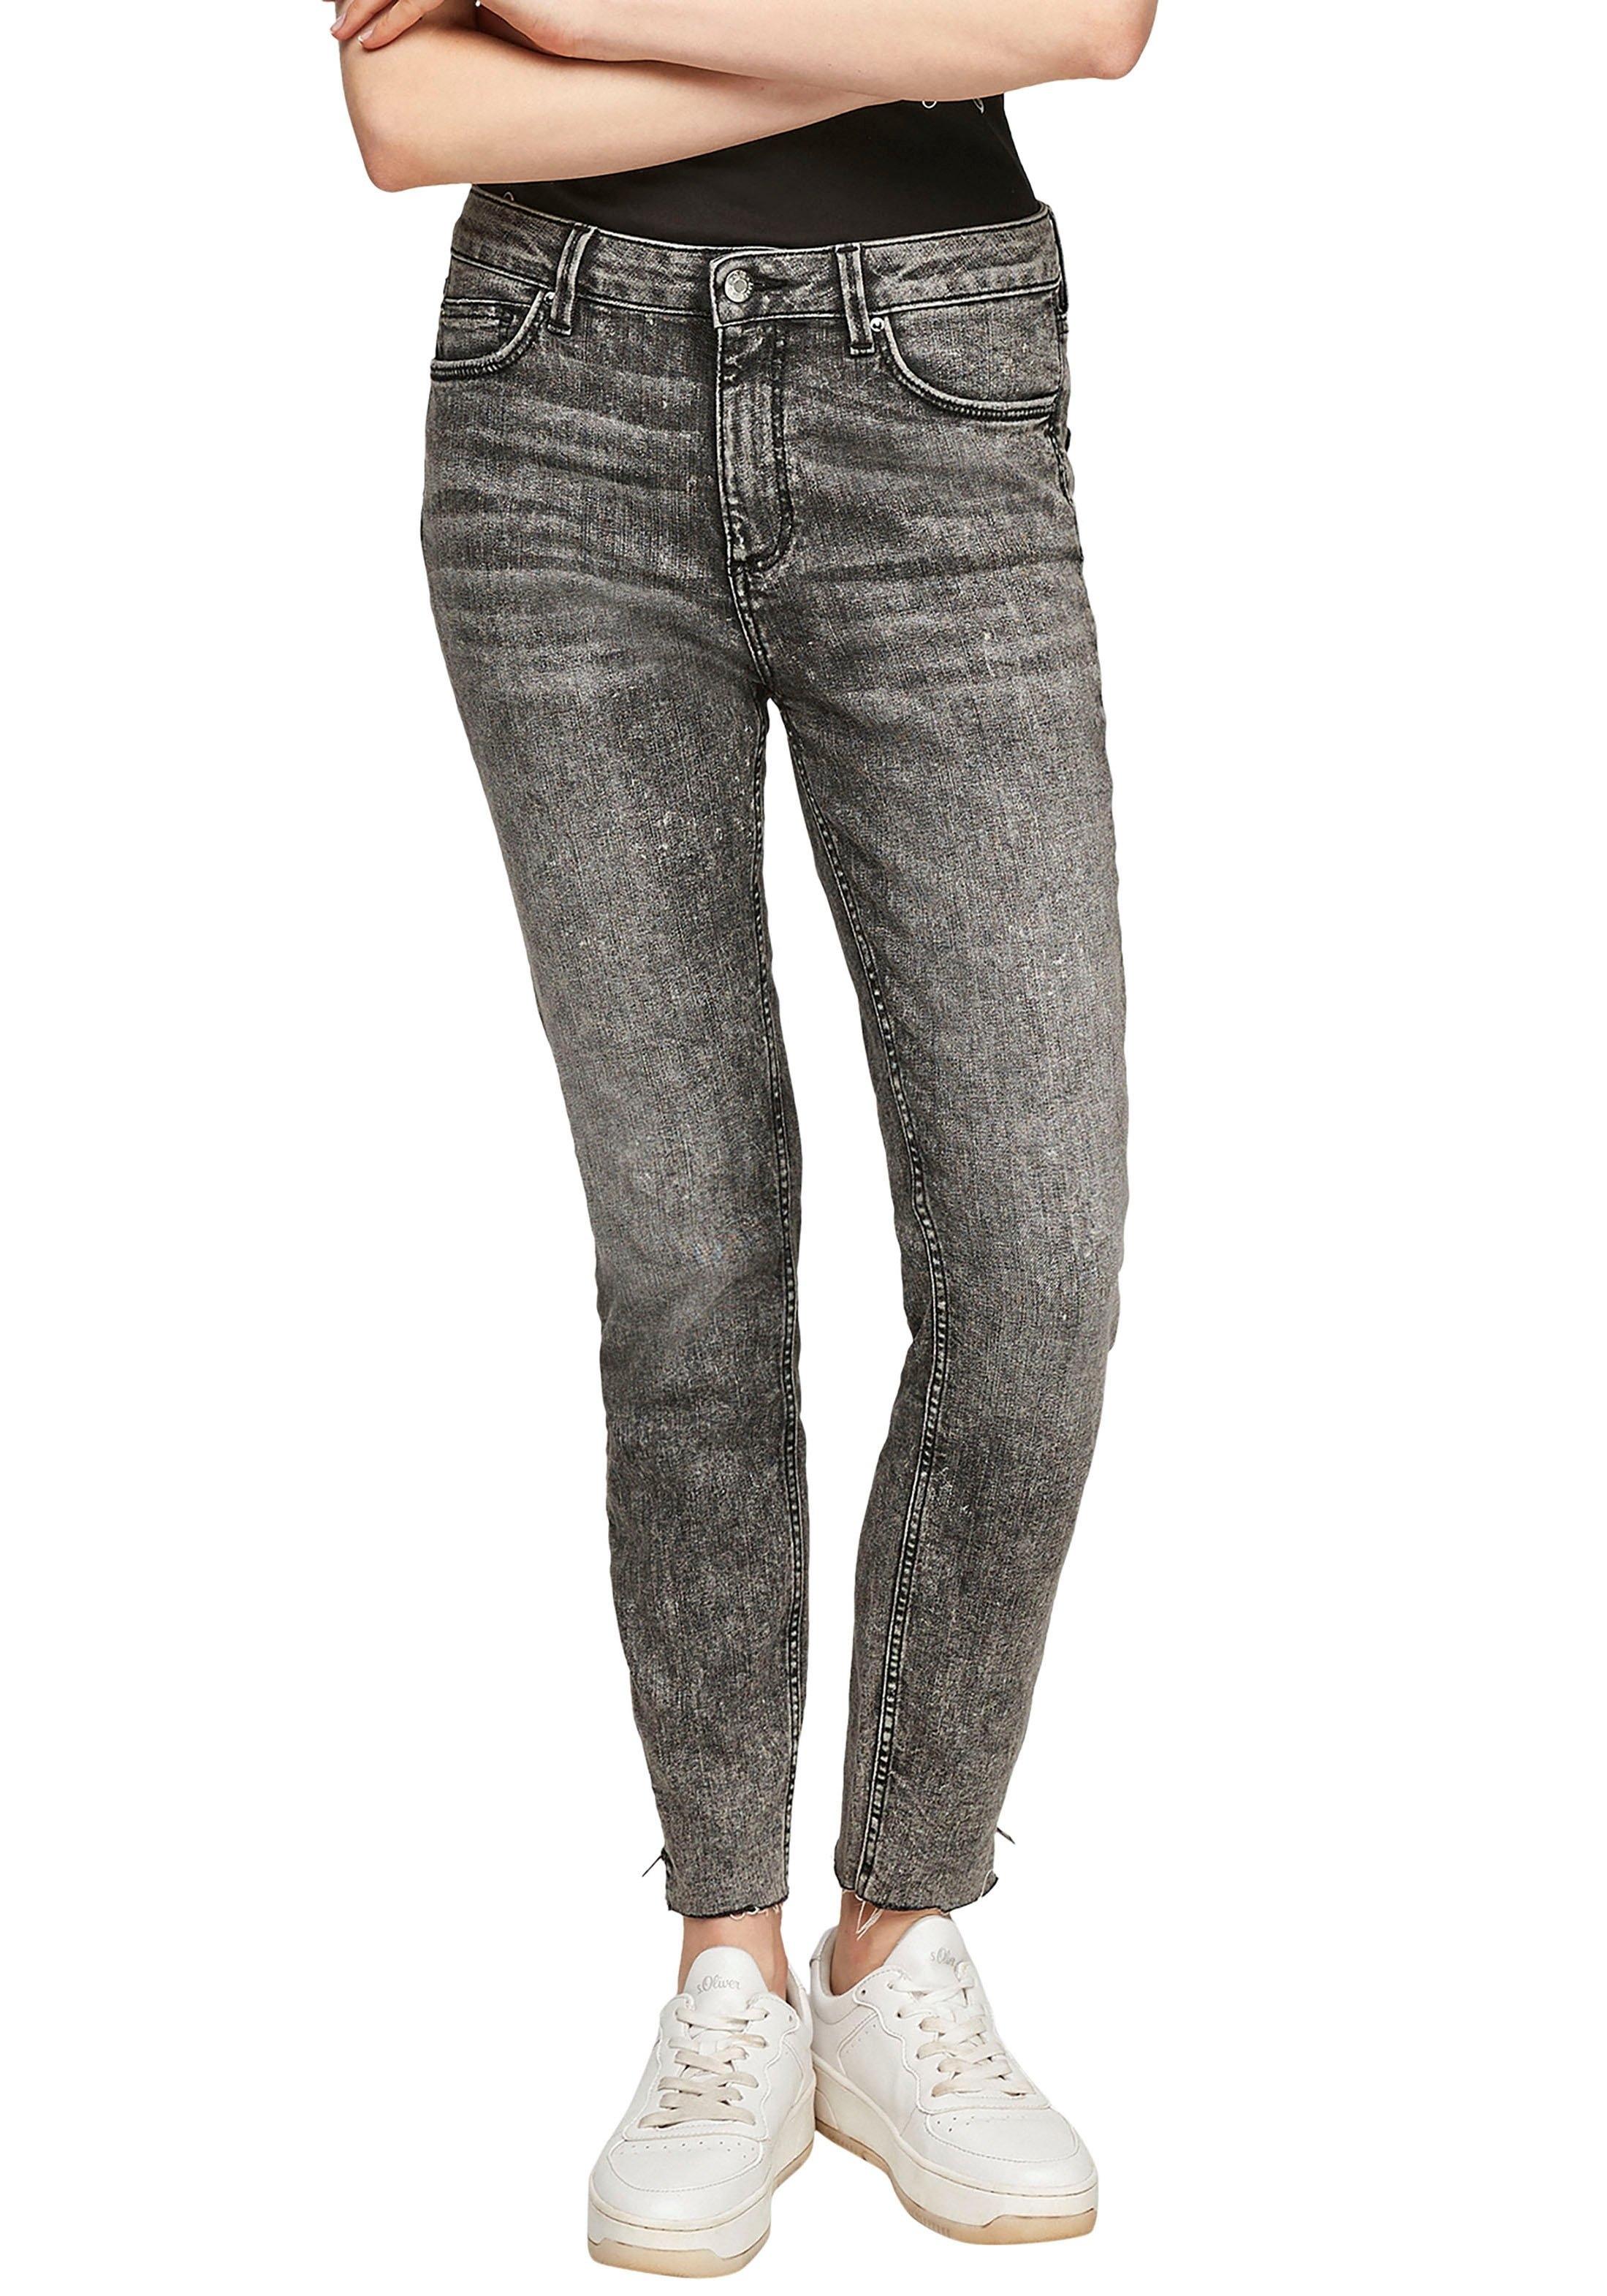 Q/S designed by 7/8 jeans Sadie Highwaist en met korte ritssluiting op de pijp goedkoop op otto.nl kopen